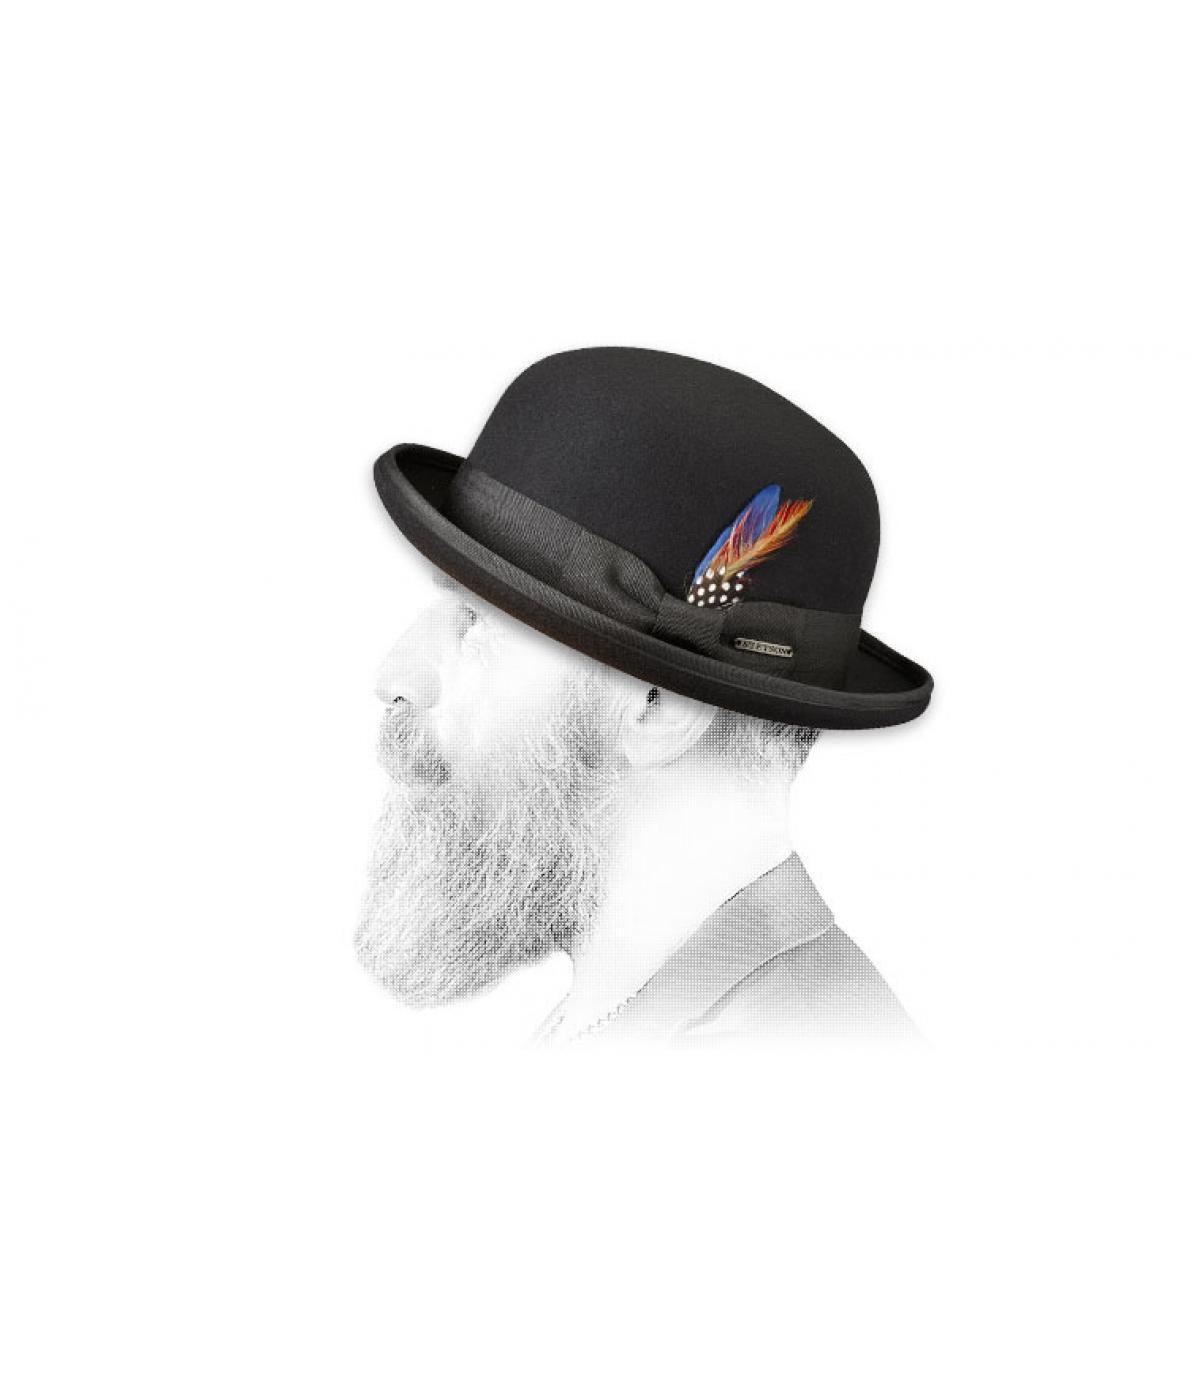 Bowler hat Stetson